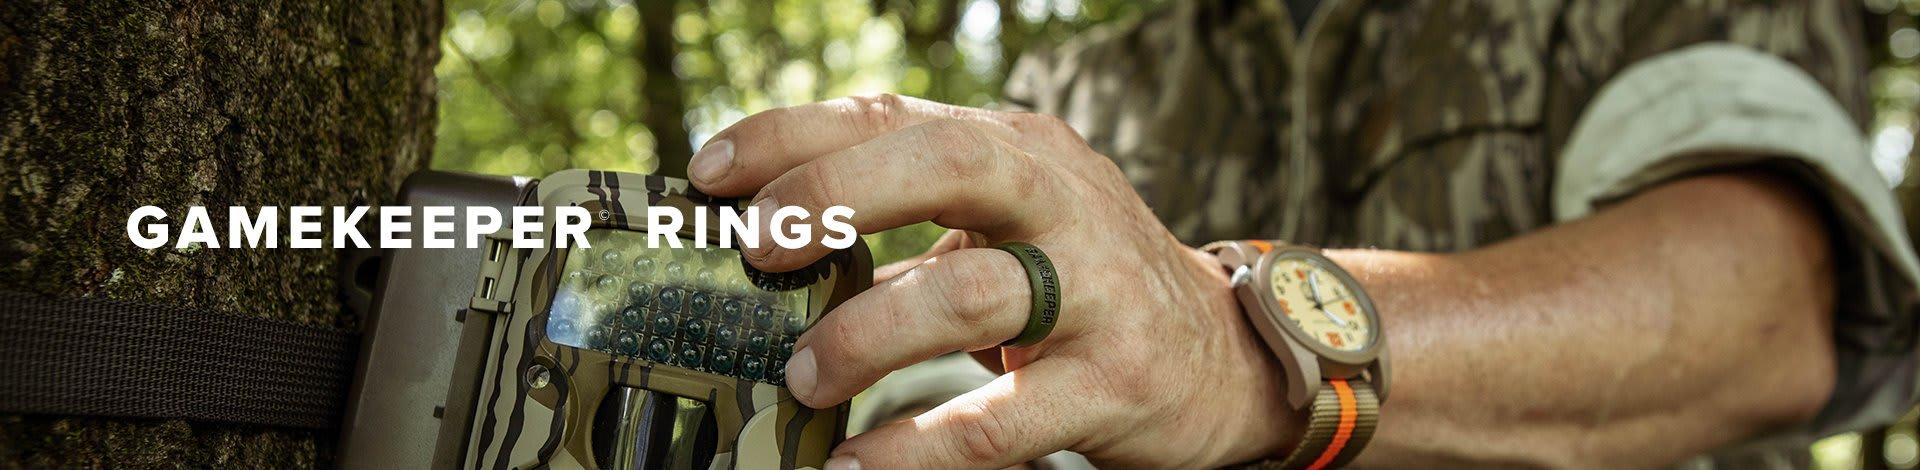 Mossy Oak Gamekeepers rings; man drawing his bow